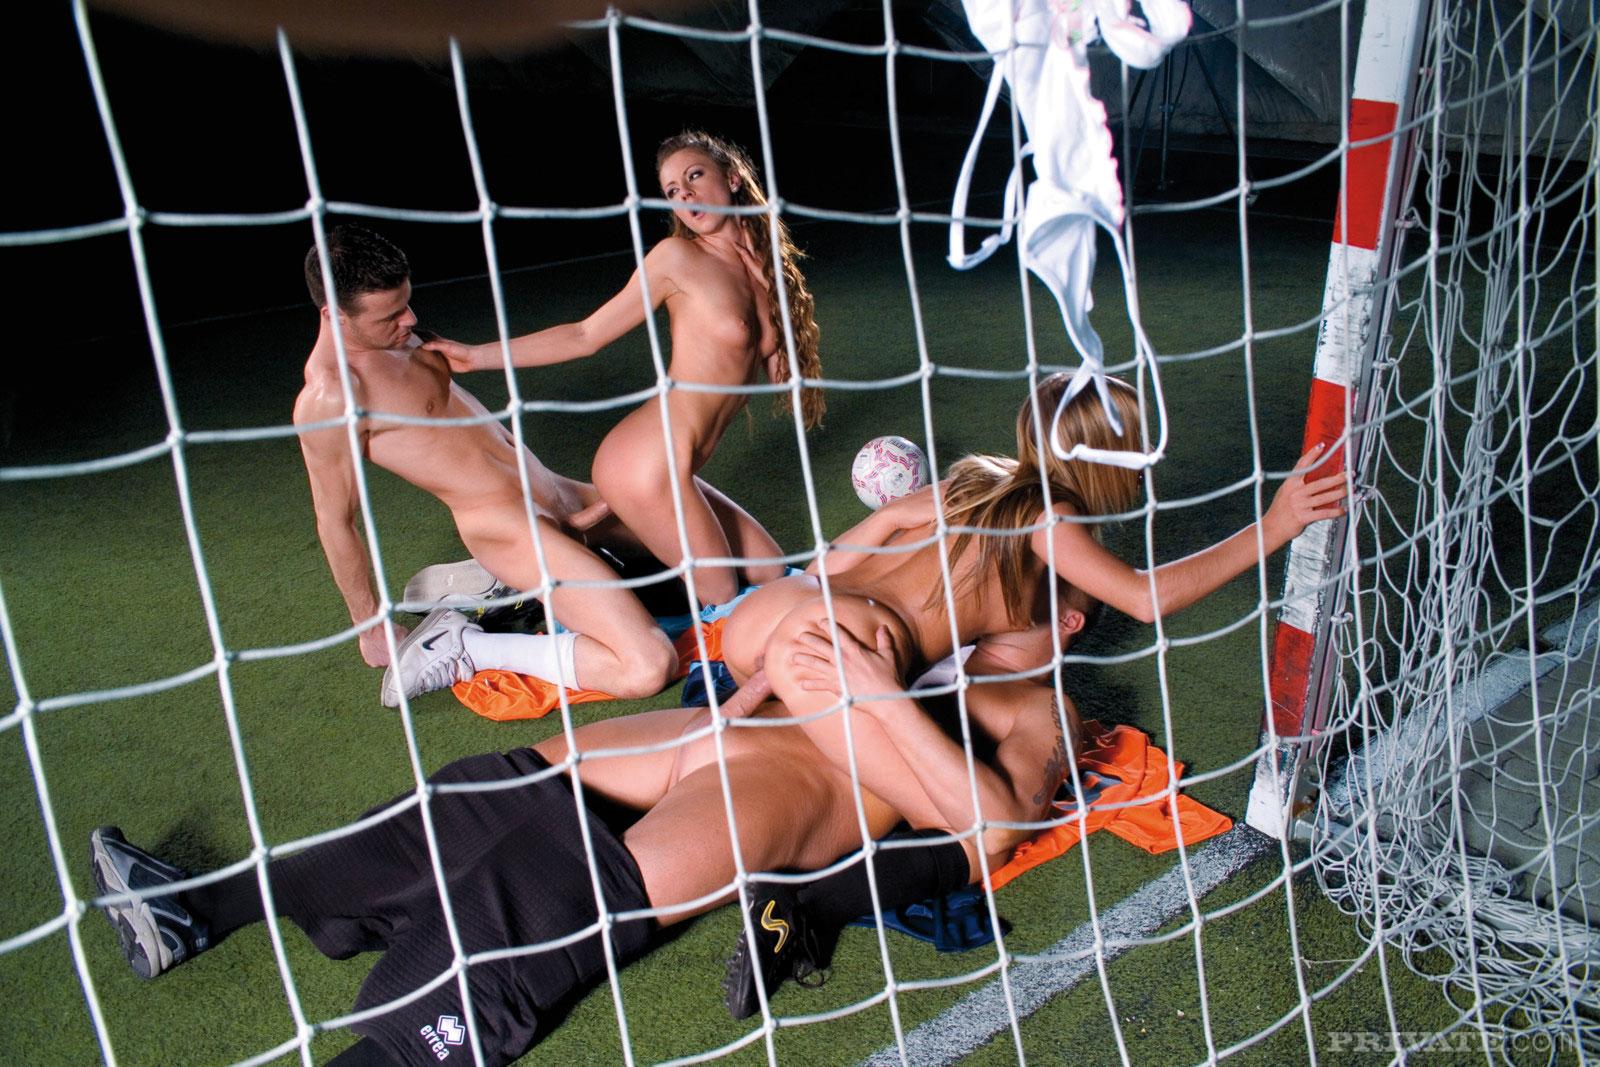 фото девушек футболистов порно нет такое